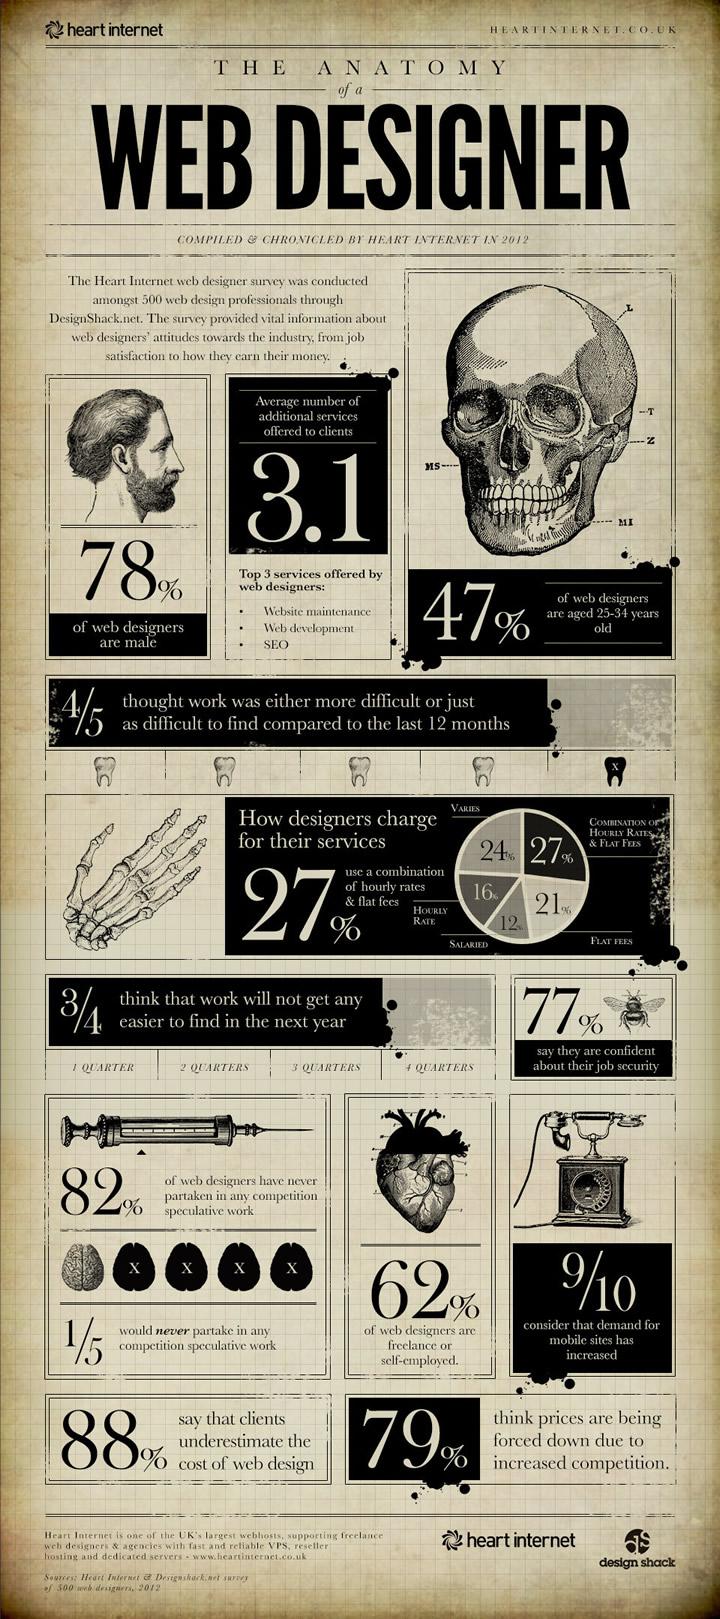 Infographie : L'anatomie d'un Web Designer 2